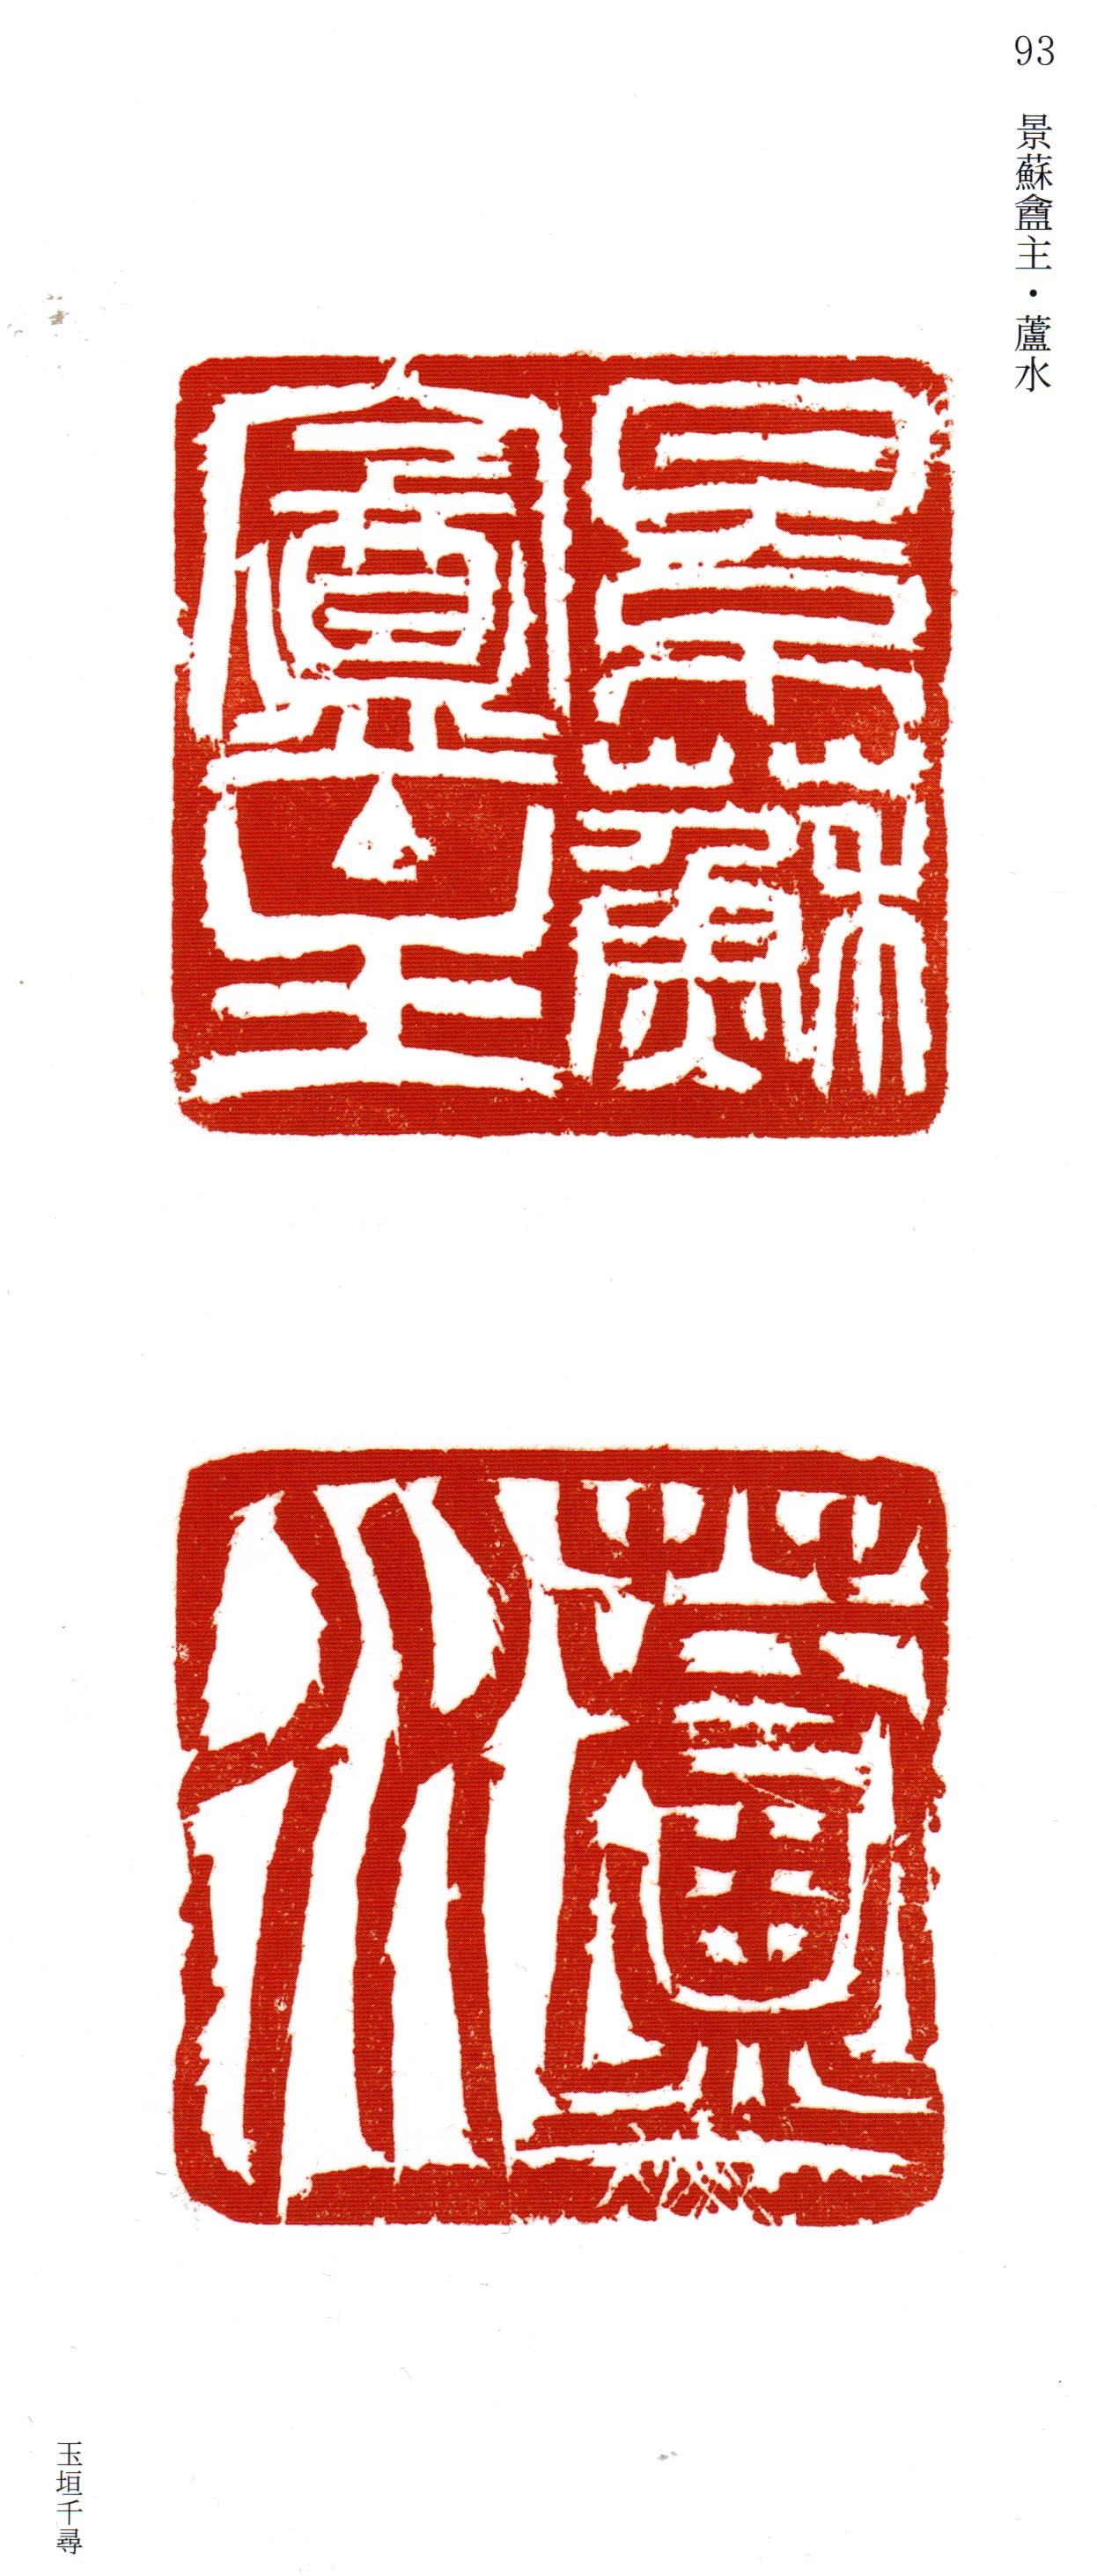 栗原蘆水展と玉垣千尋_a0072623_12421421.jpg